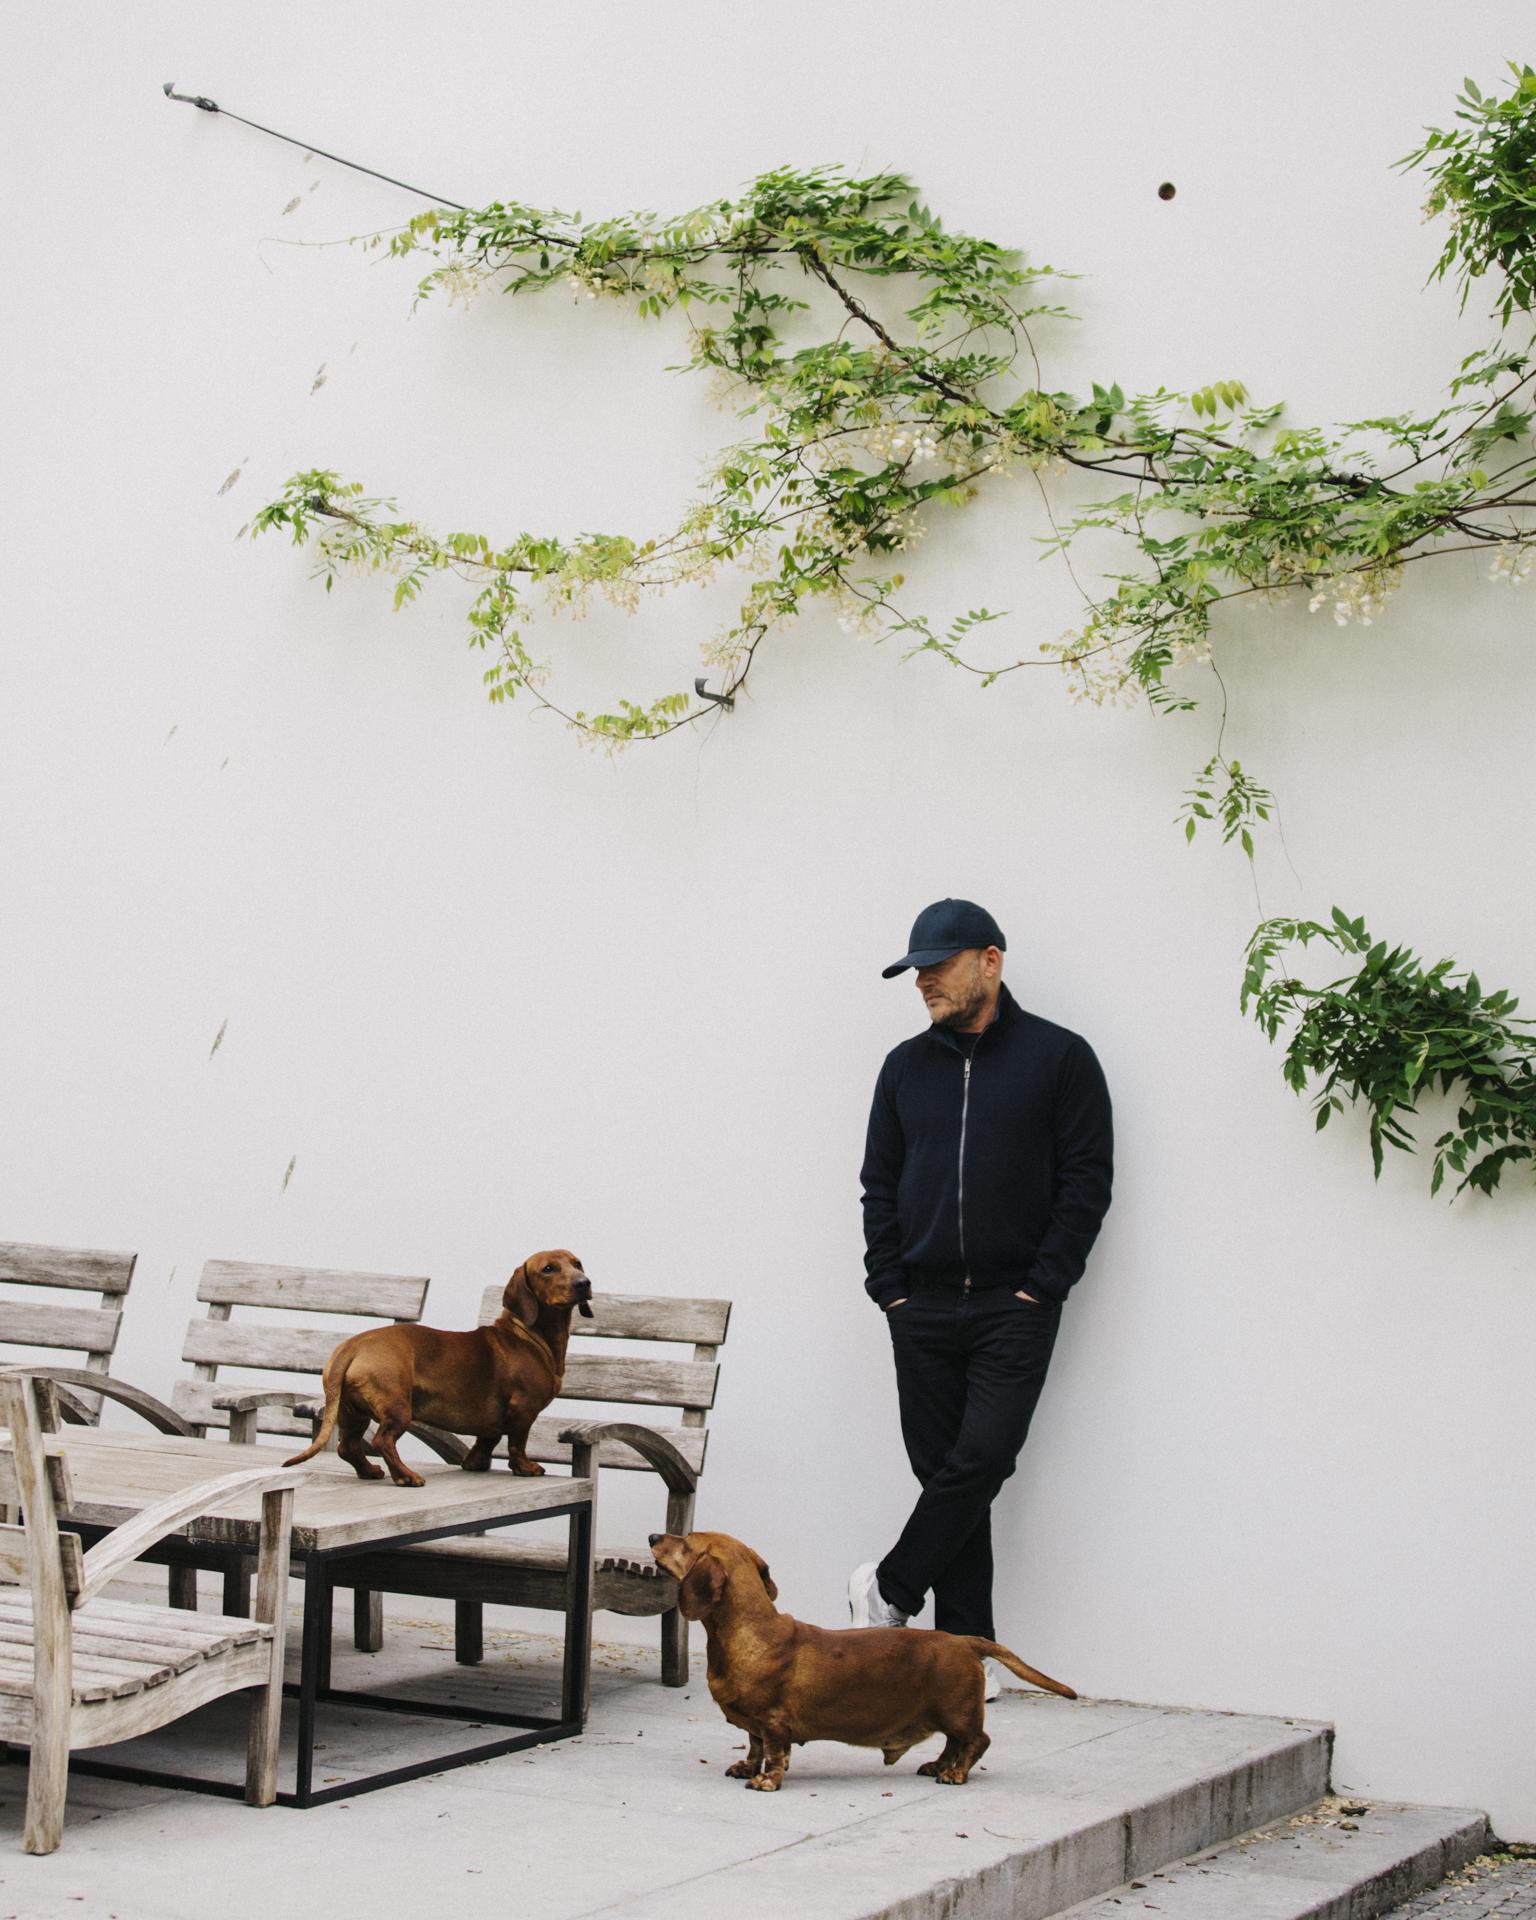 Vvd 2019 Portrait Gregg Cohenca 6